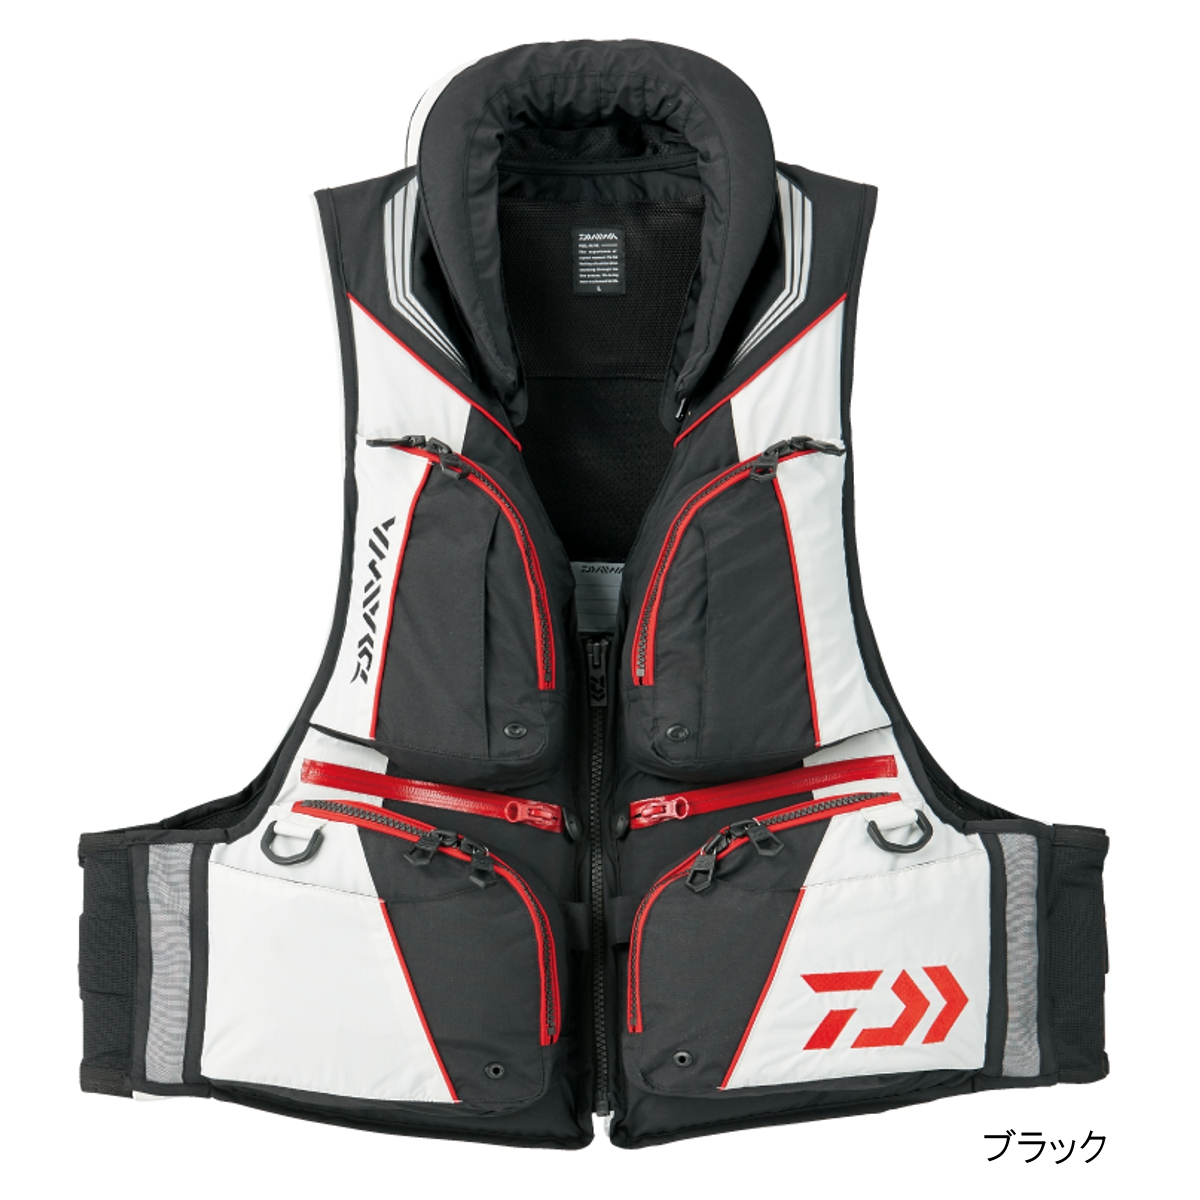 ダイワ トーナメント バリアテック 枕つきサイバーフロート DF-3508 XL ブラック